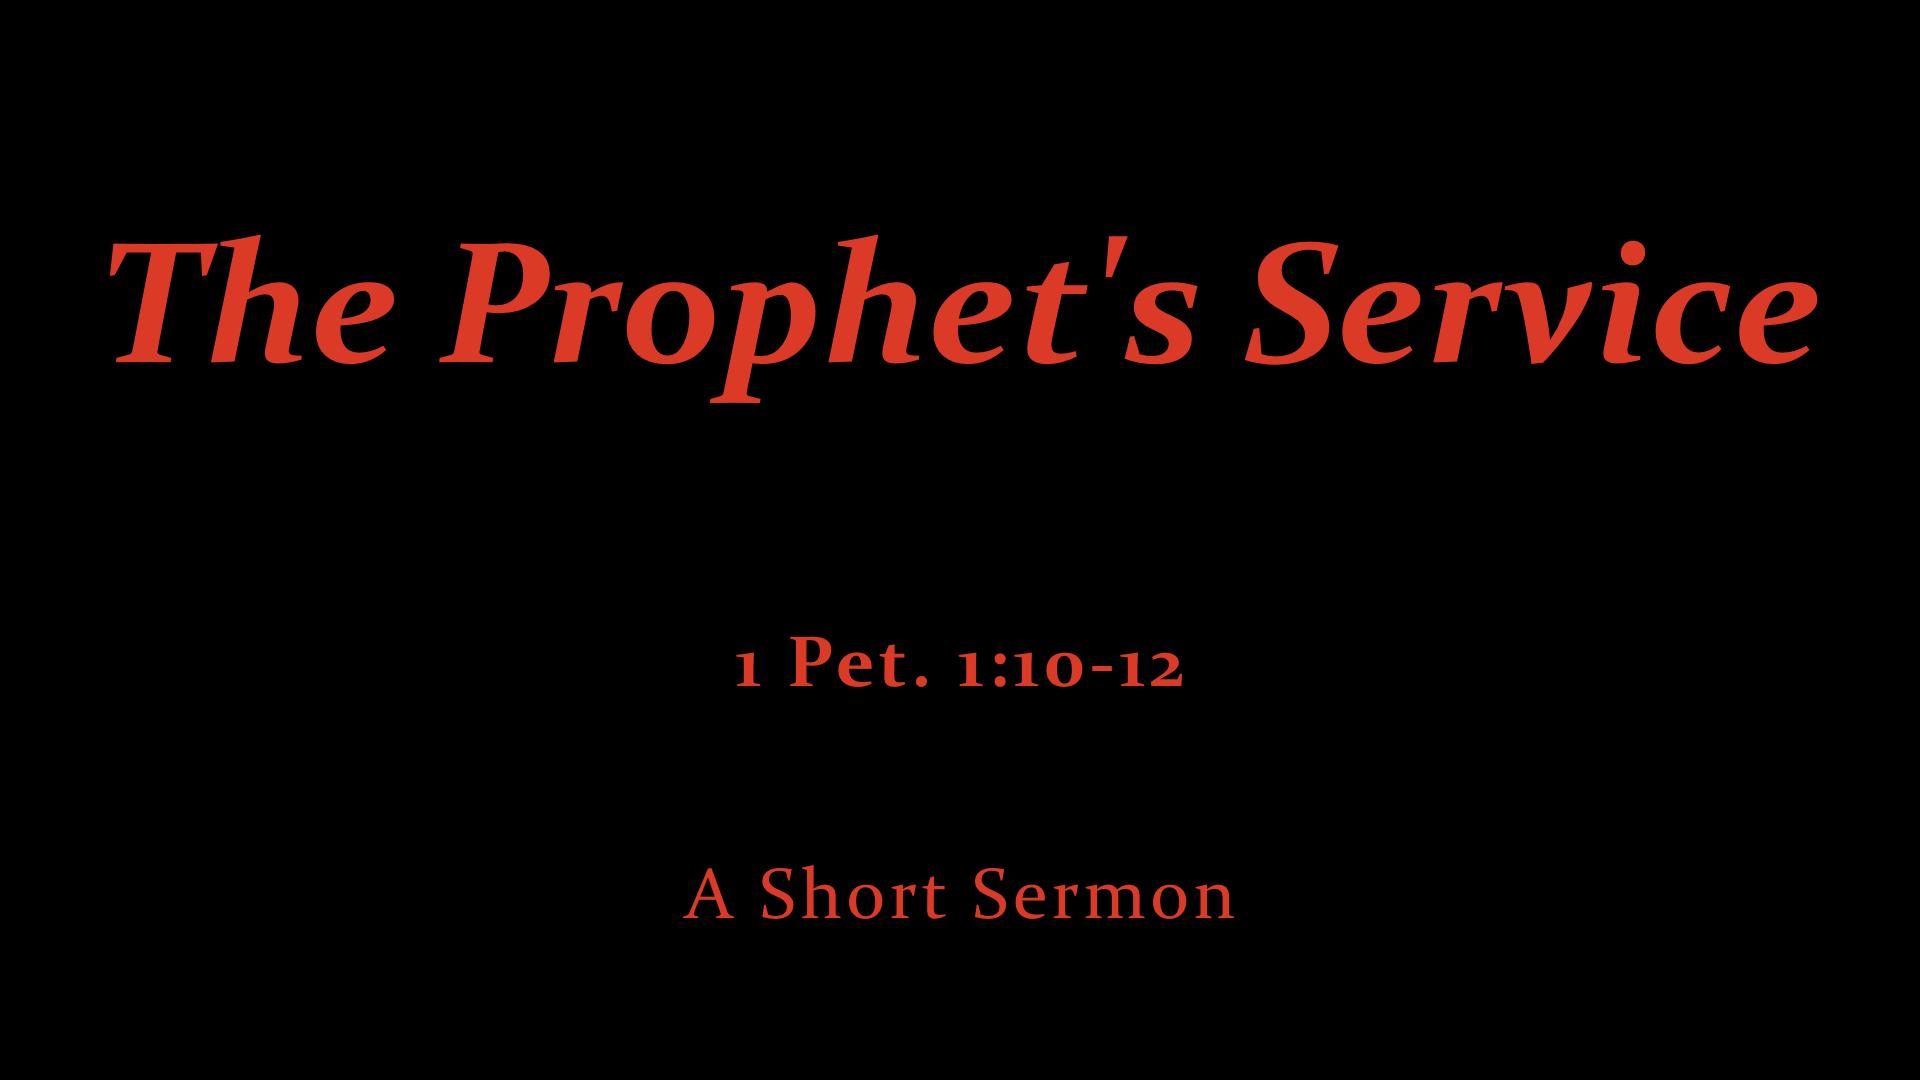 1 Pet. 1;10-12 The Prophet's Service.jpeg